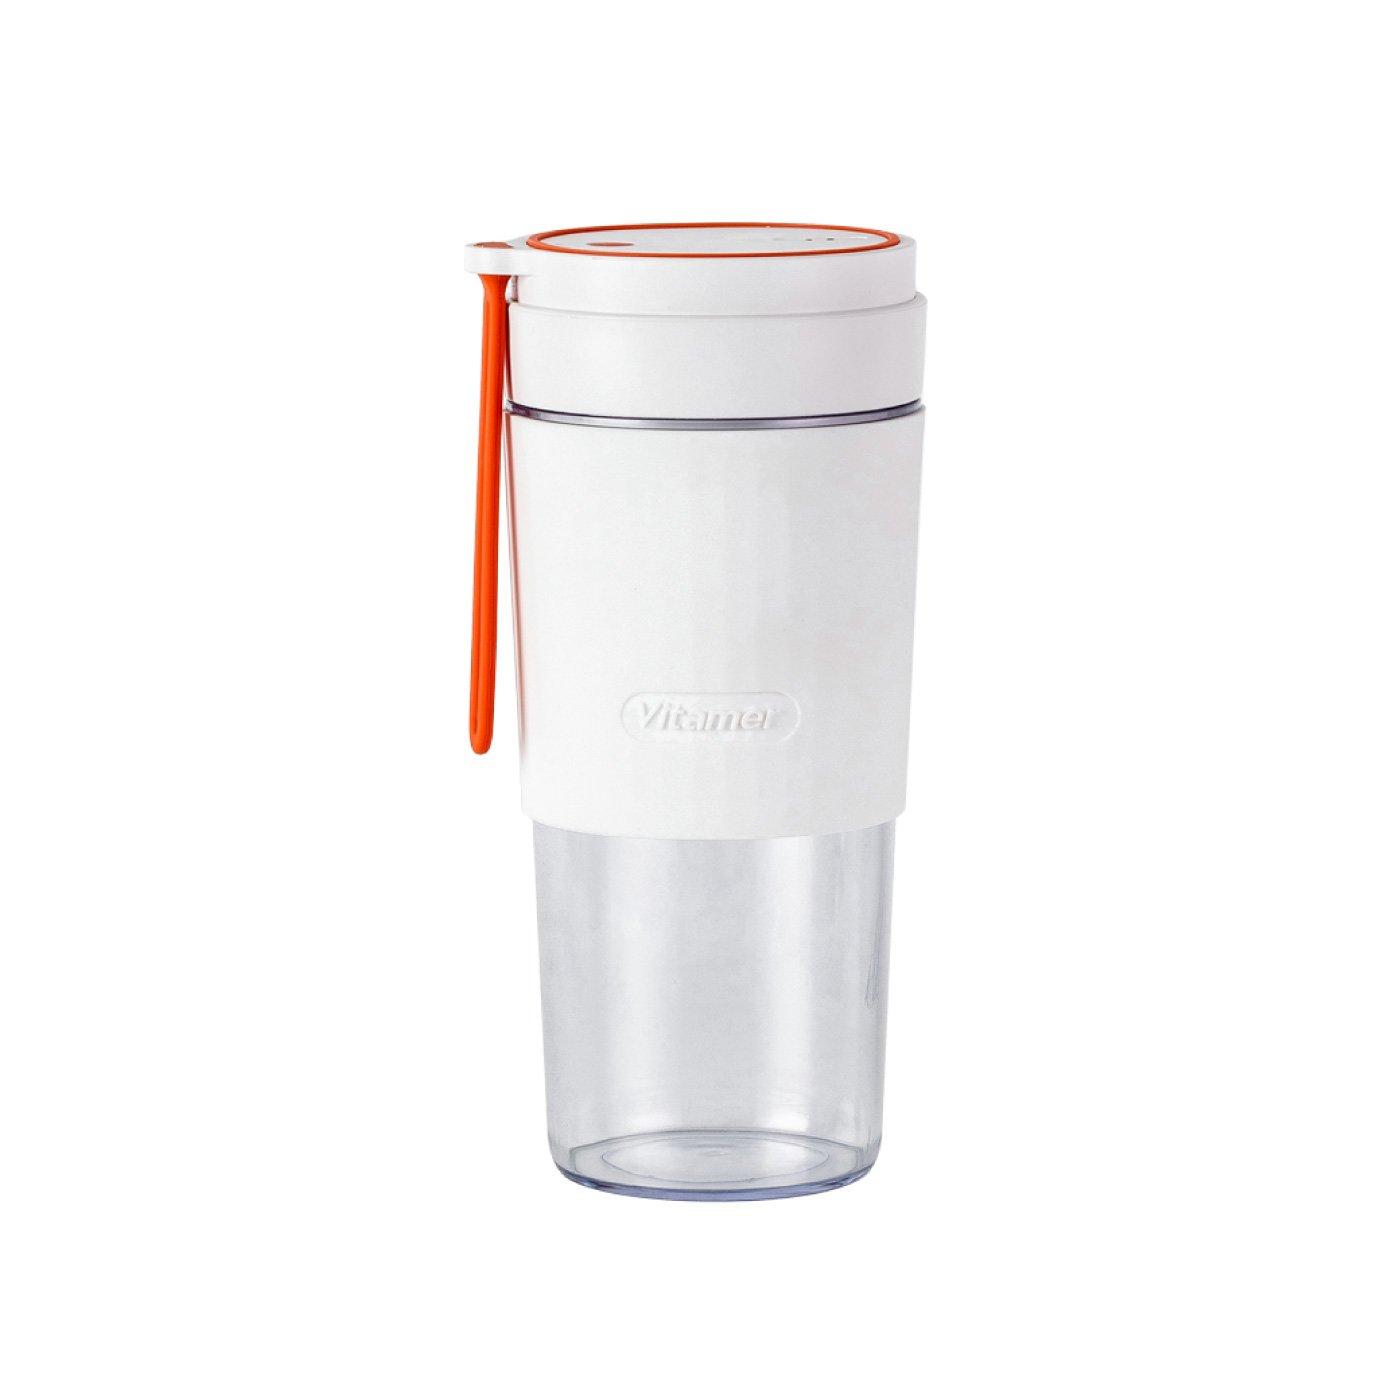 氷も粉砕! ビタミンチャージできるハンディージューサーMini-Vitamer Juicer